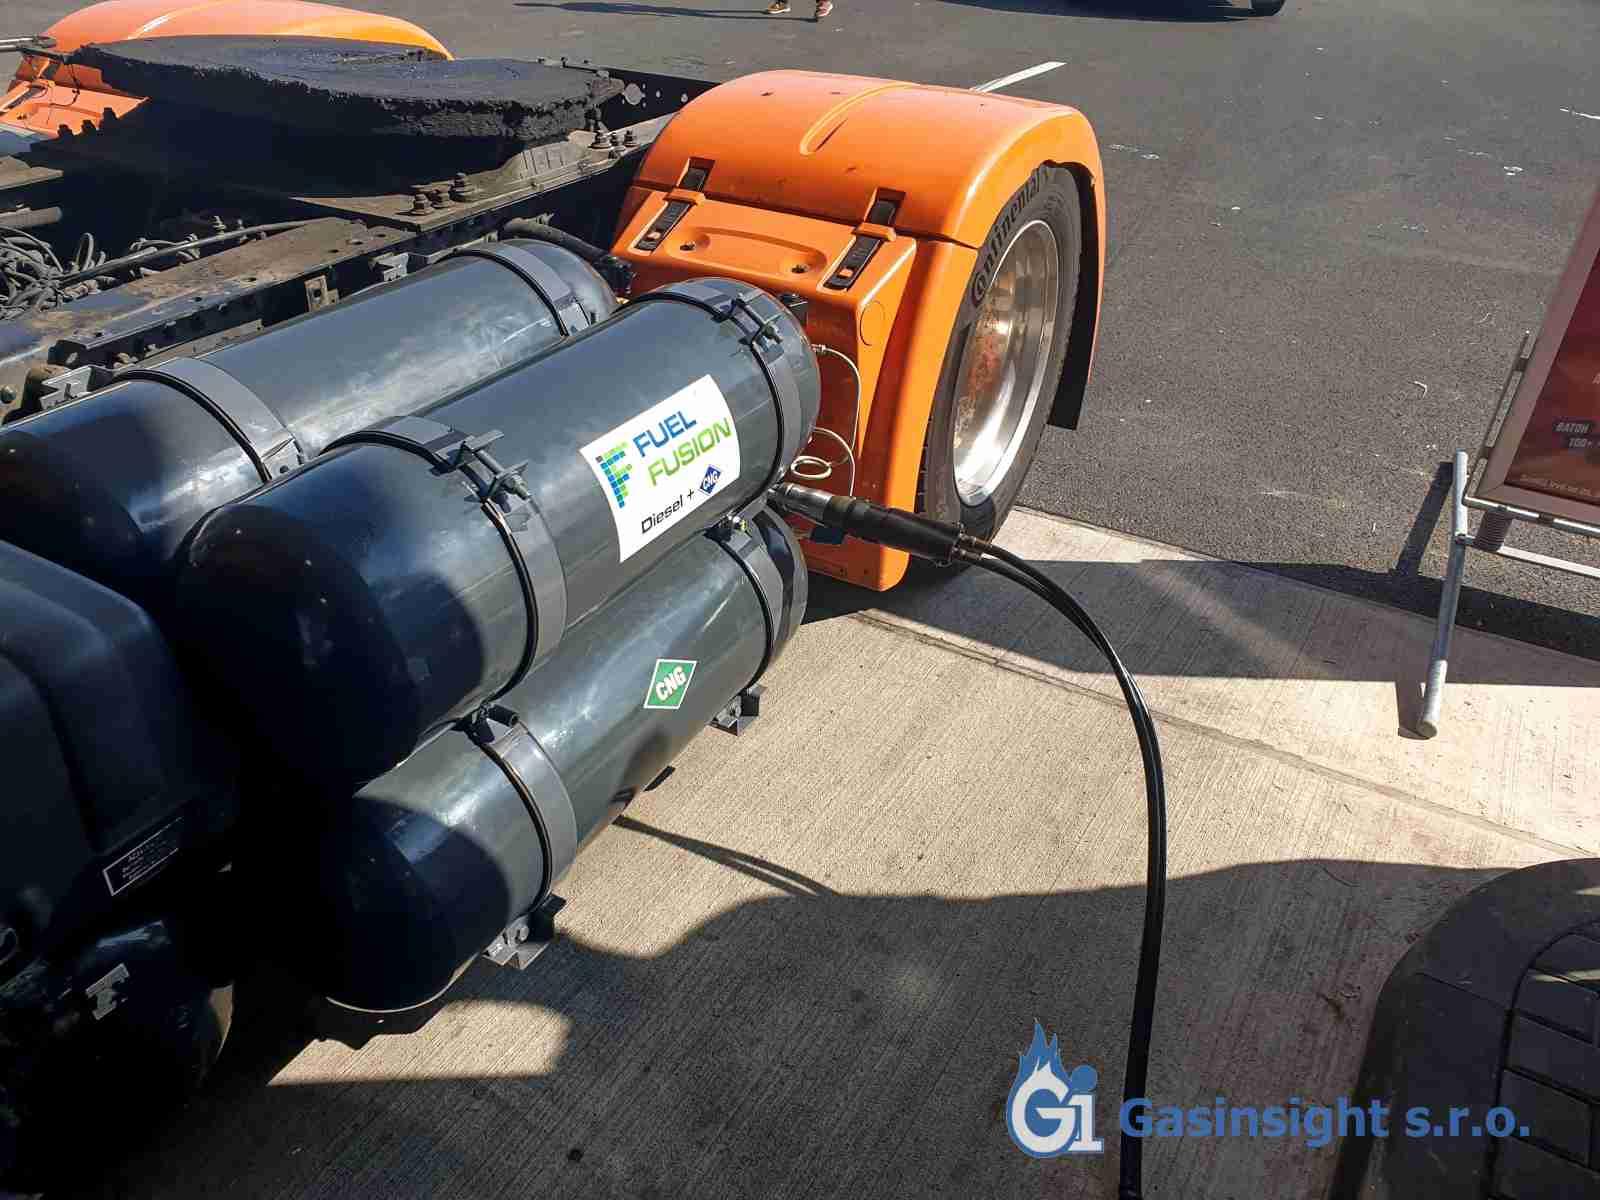 MAN TGX 18.440 Diesel CNG - první tankování CNG po přestavbě